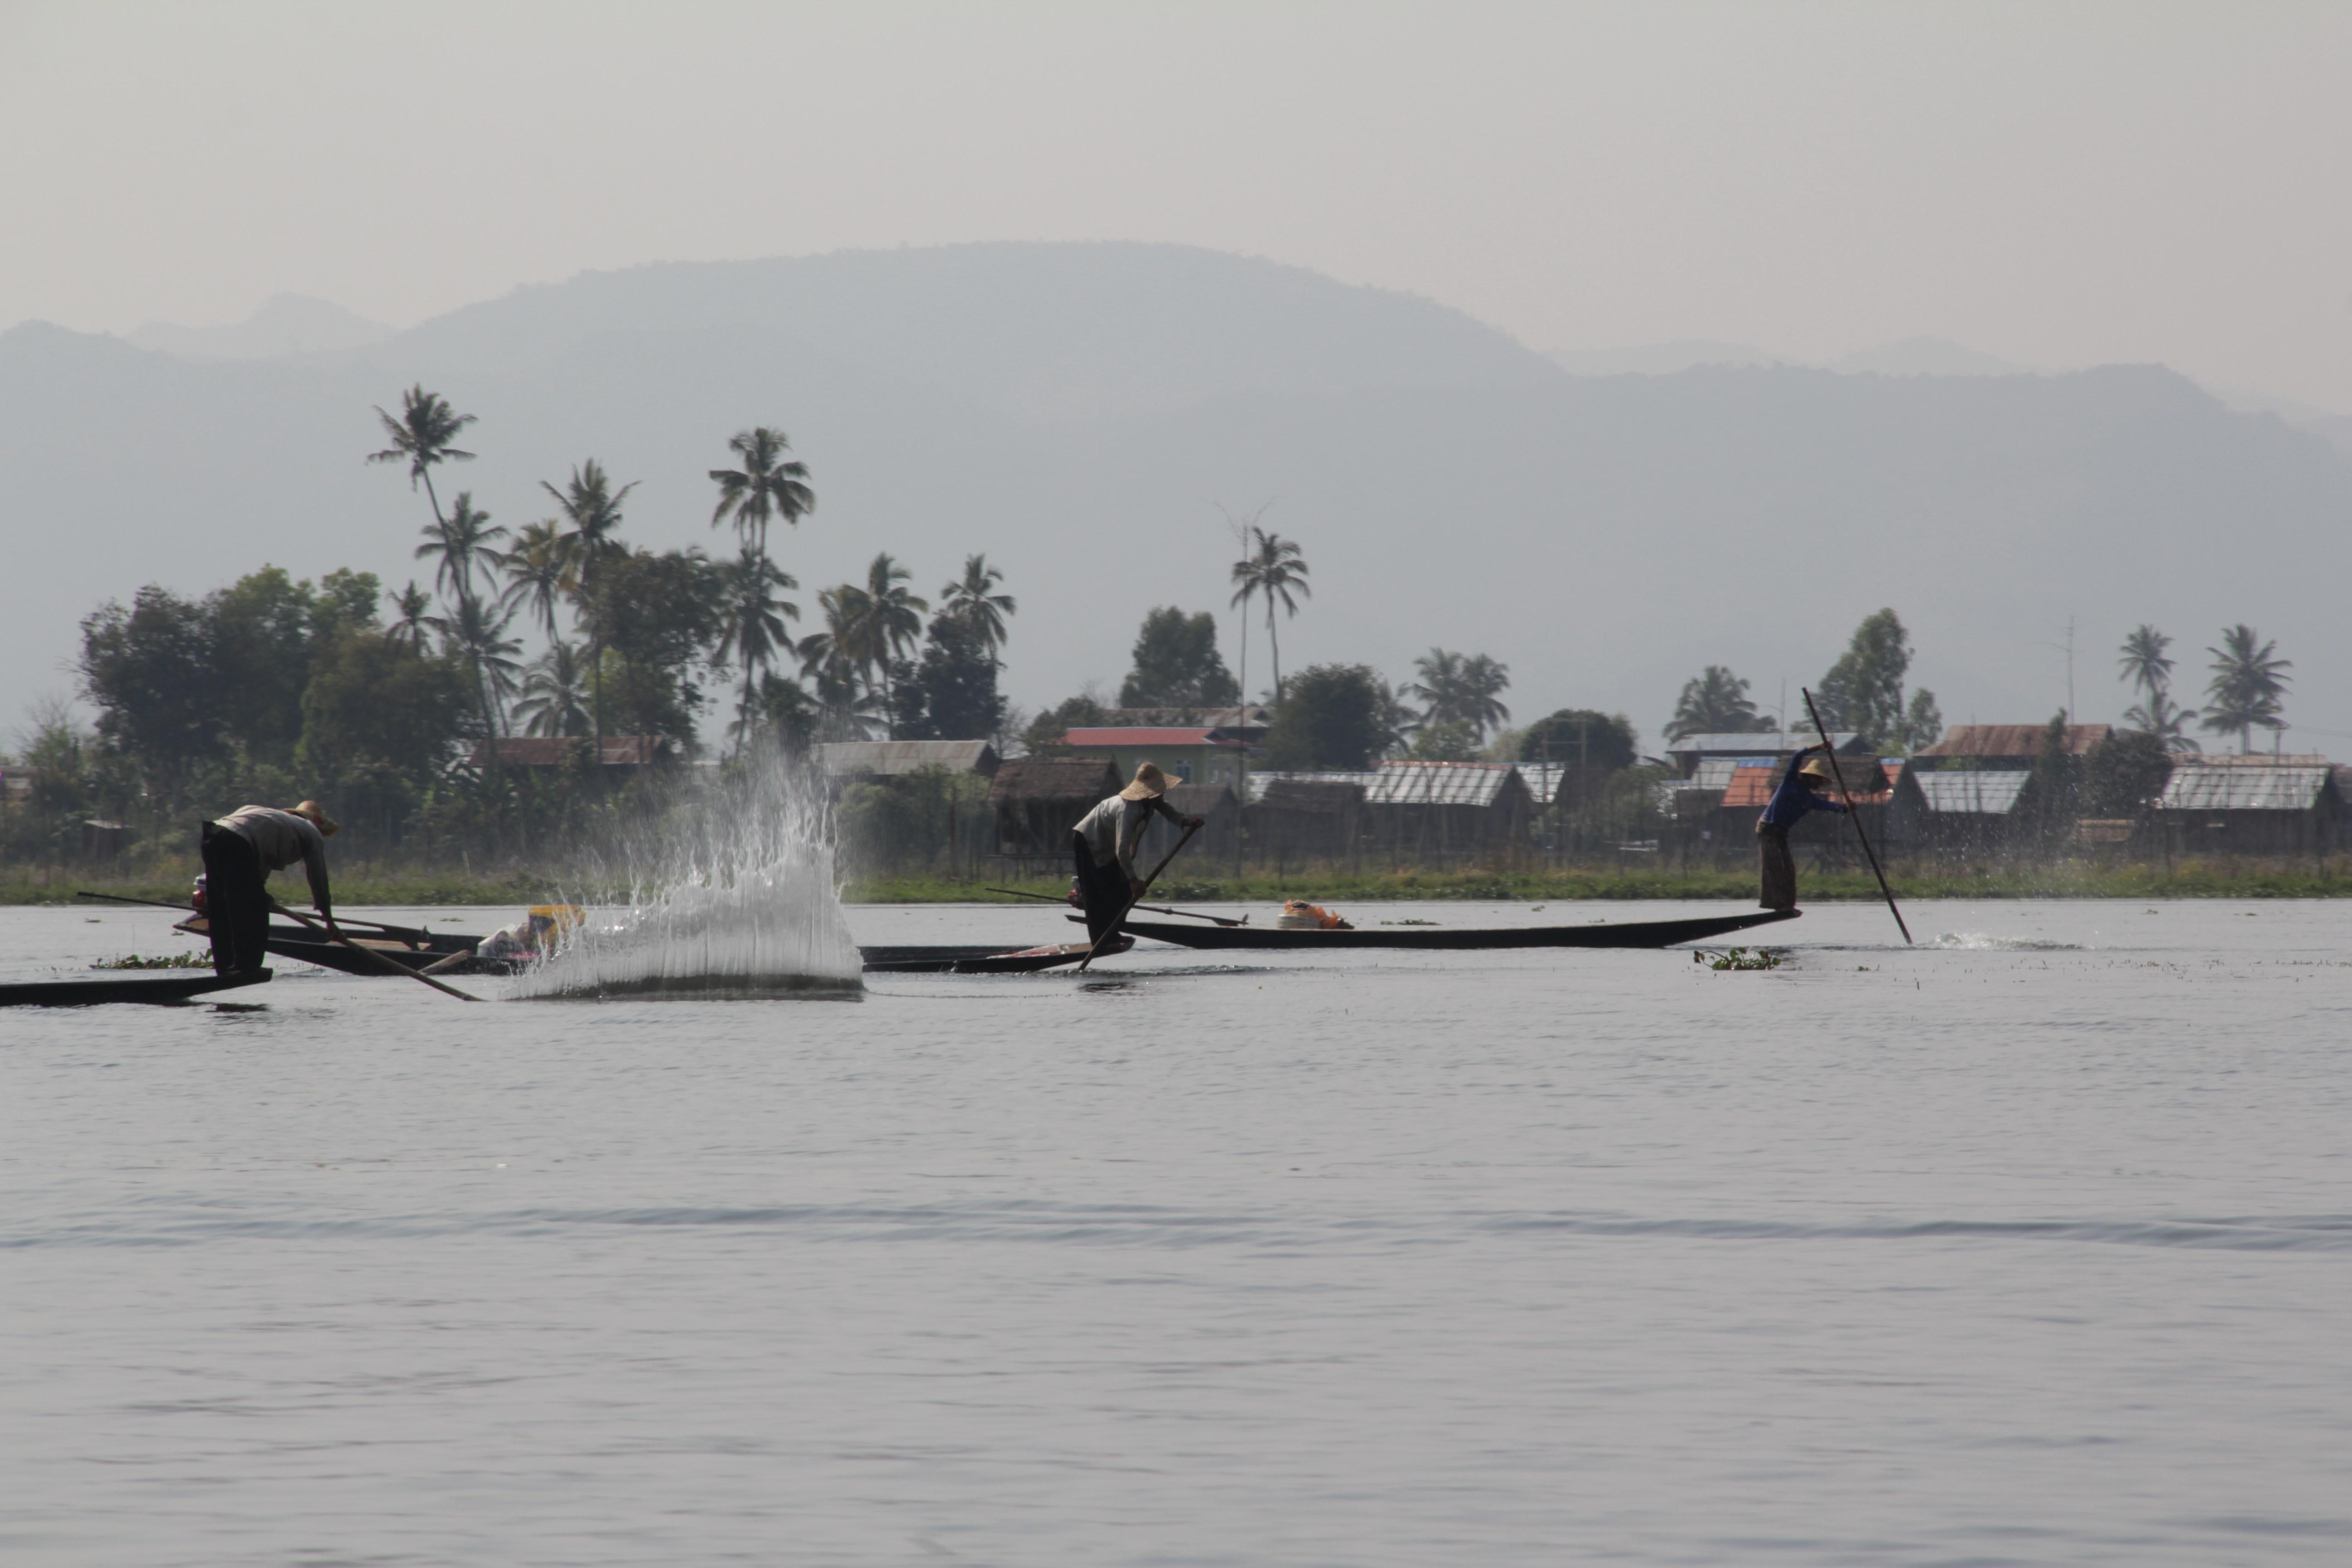 Pour attirer les poissons dans leur filet, les pêcheurs battent l'eau énergiquement (© Jérôme Decoster).